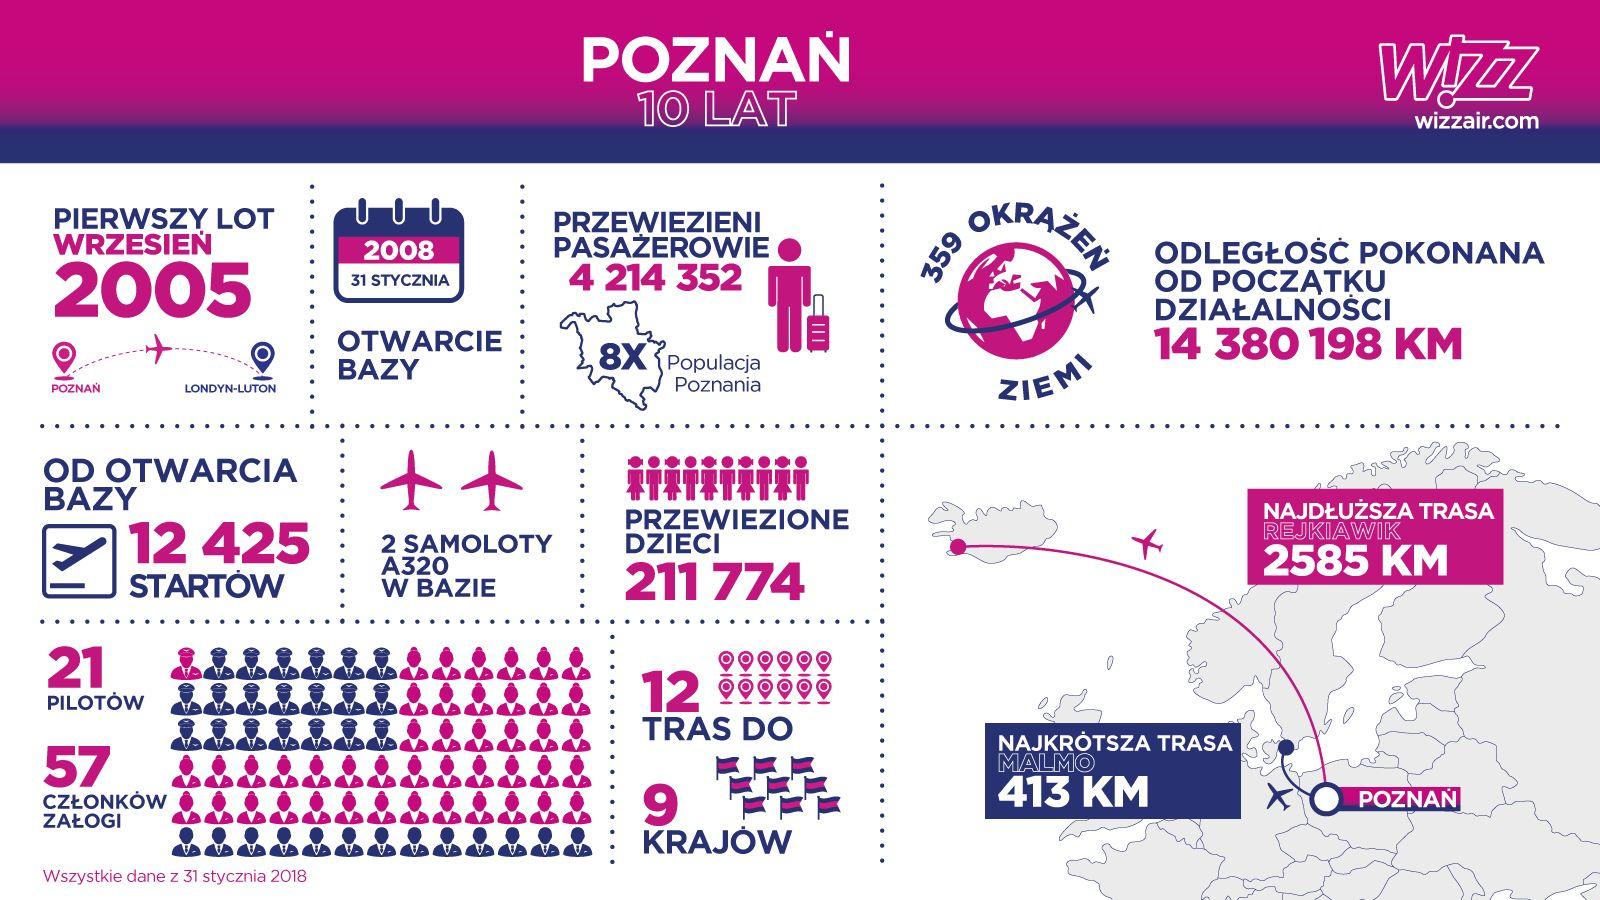 10 lat bazy Wizz Air w Poznaniu  Foto: materiały prasowe